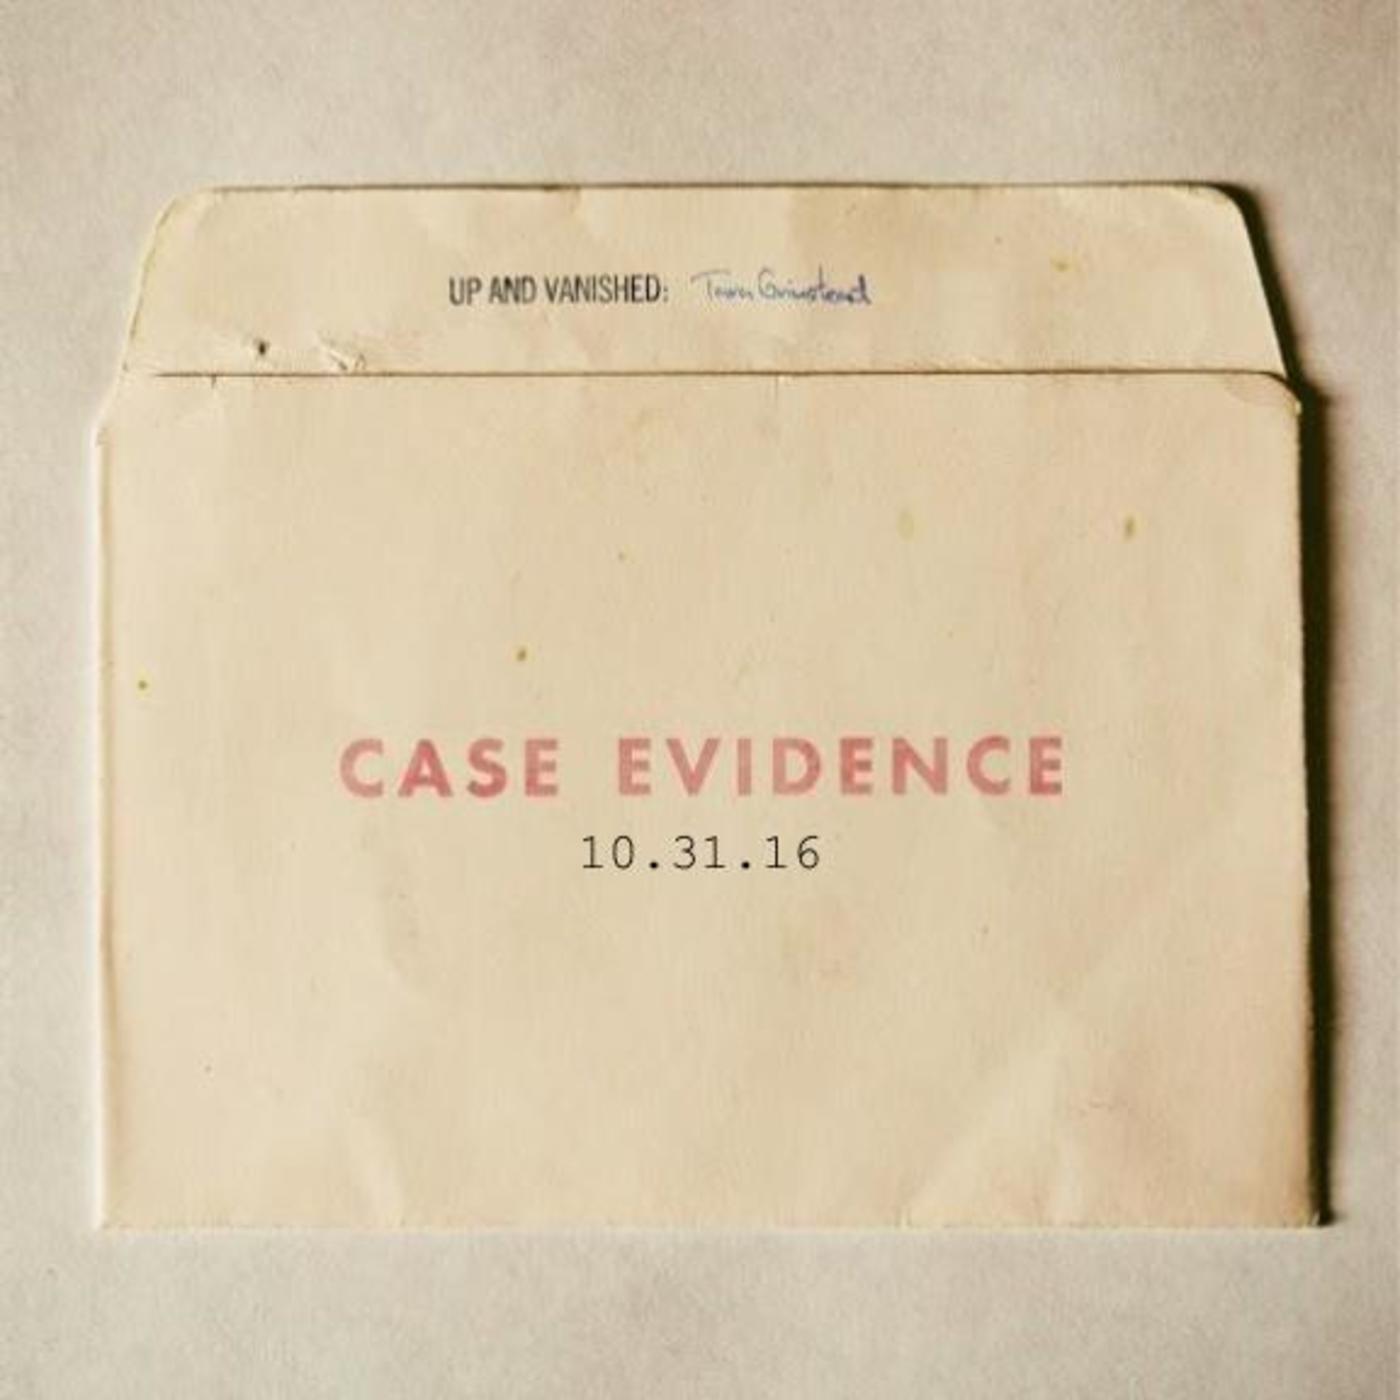 S1E : Case Evidence 10.31.16